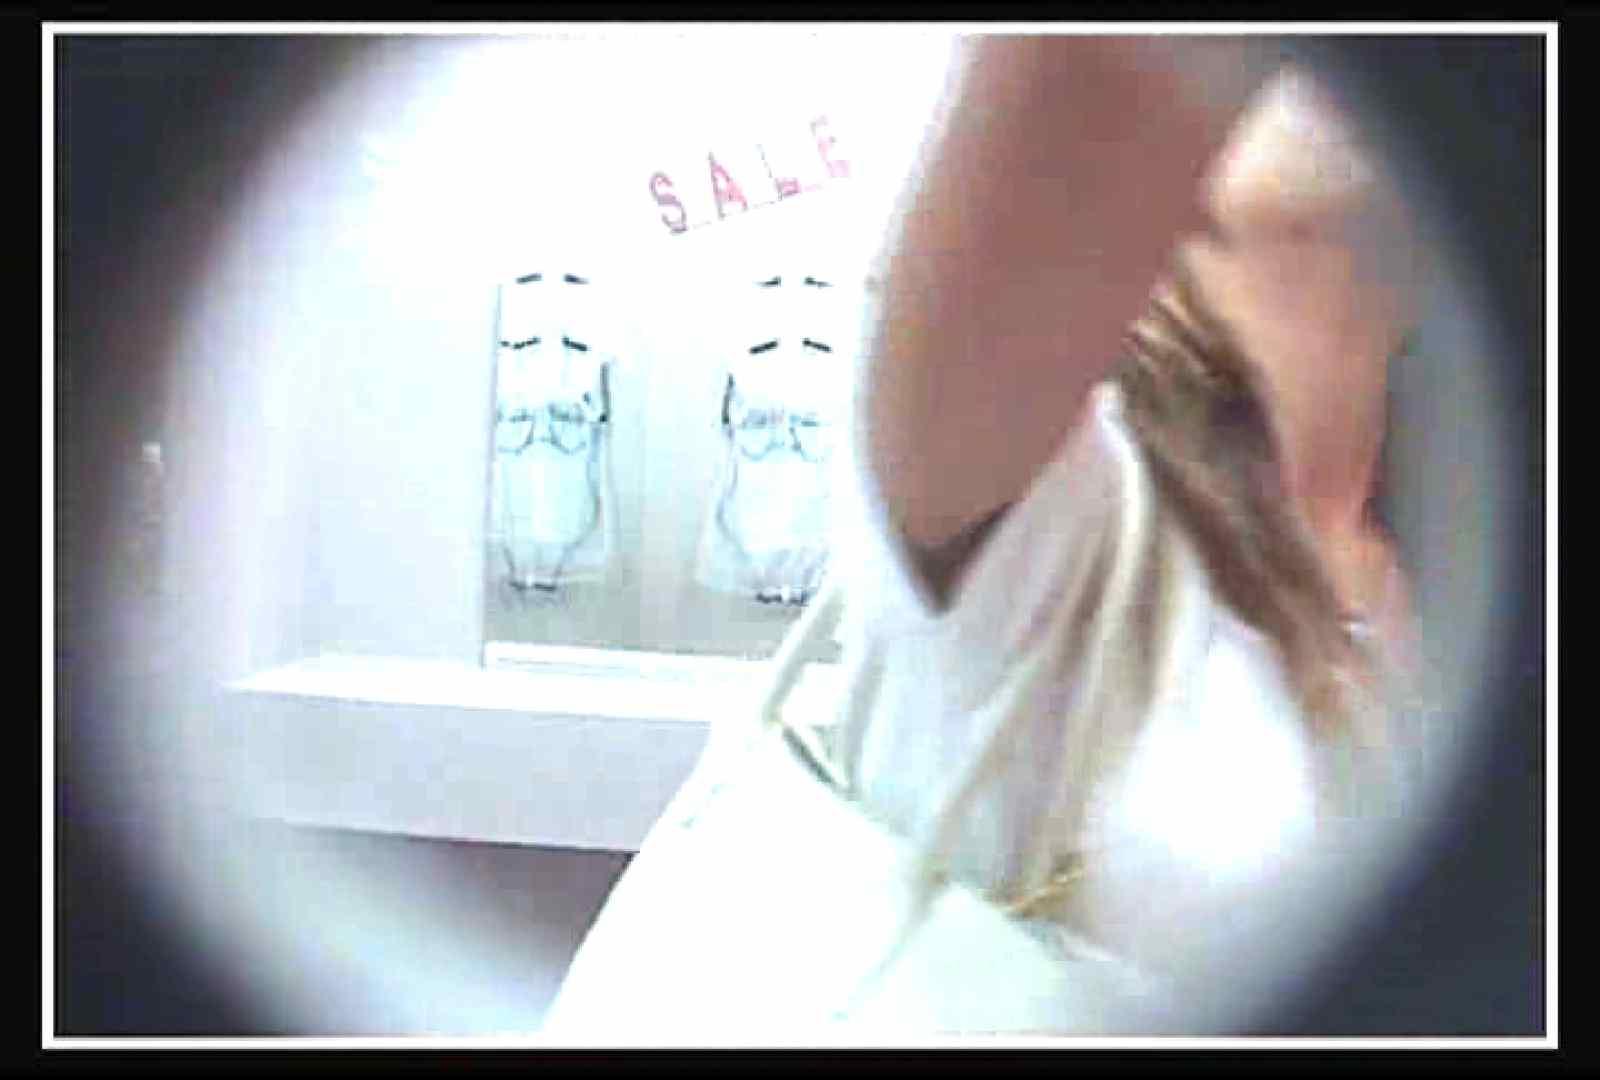 ショップ店長流出!!変態下着を買い漁る女達!Vol.3 OLの実態 のぞきエロ無料画像 103pic 53